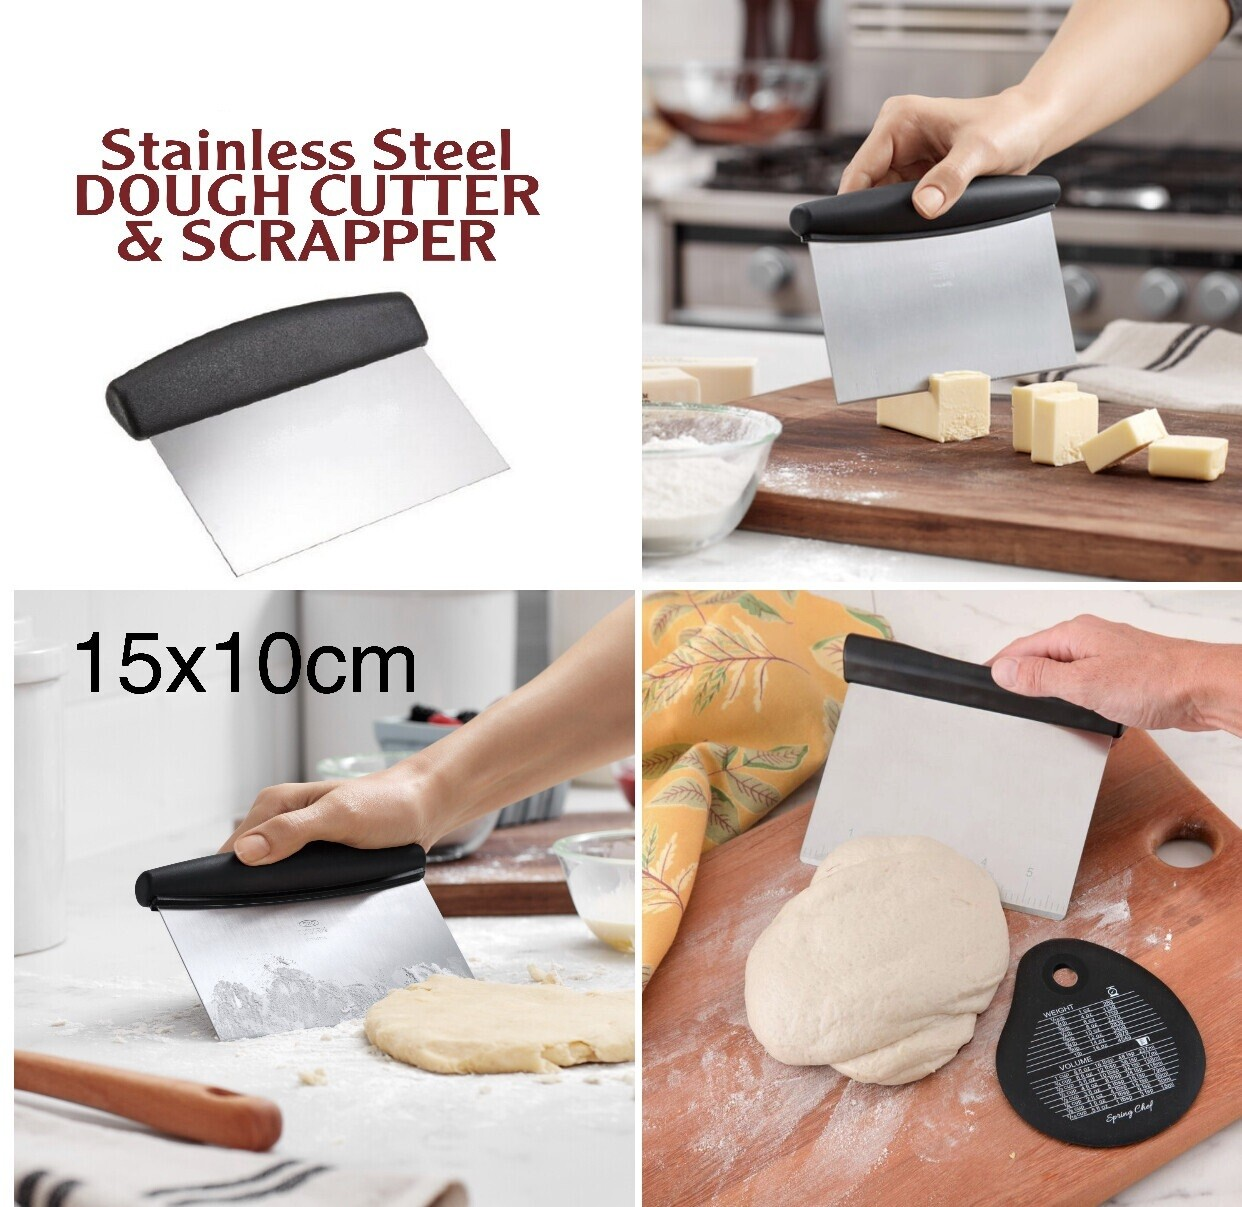 Stainless Dough Cutter